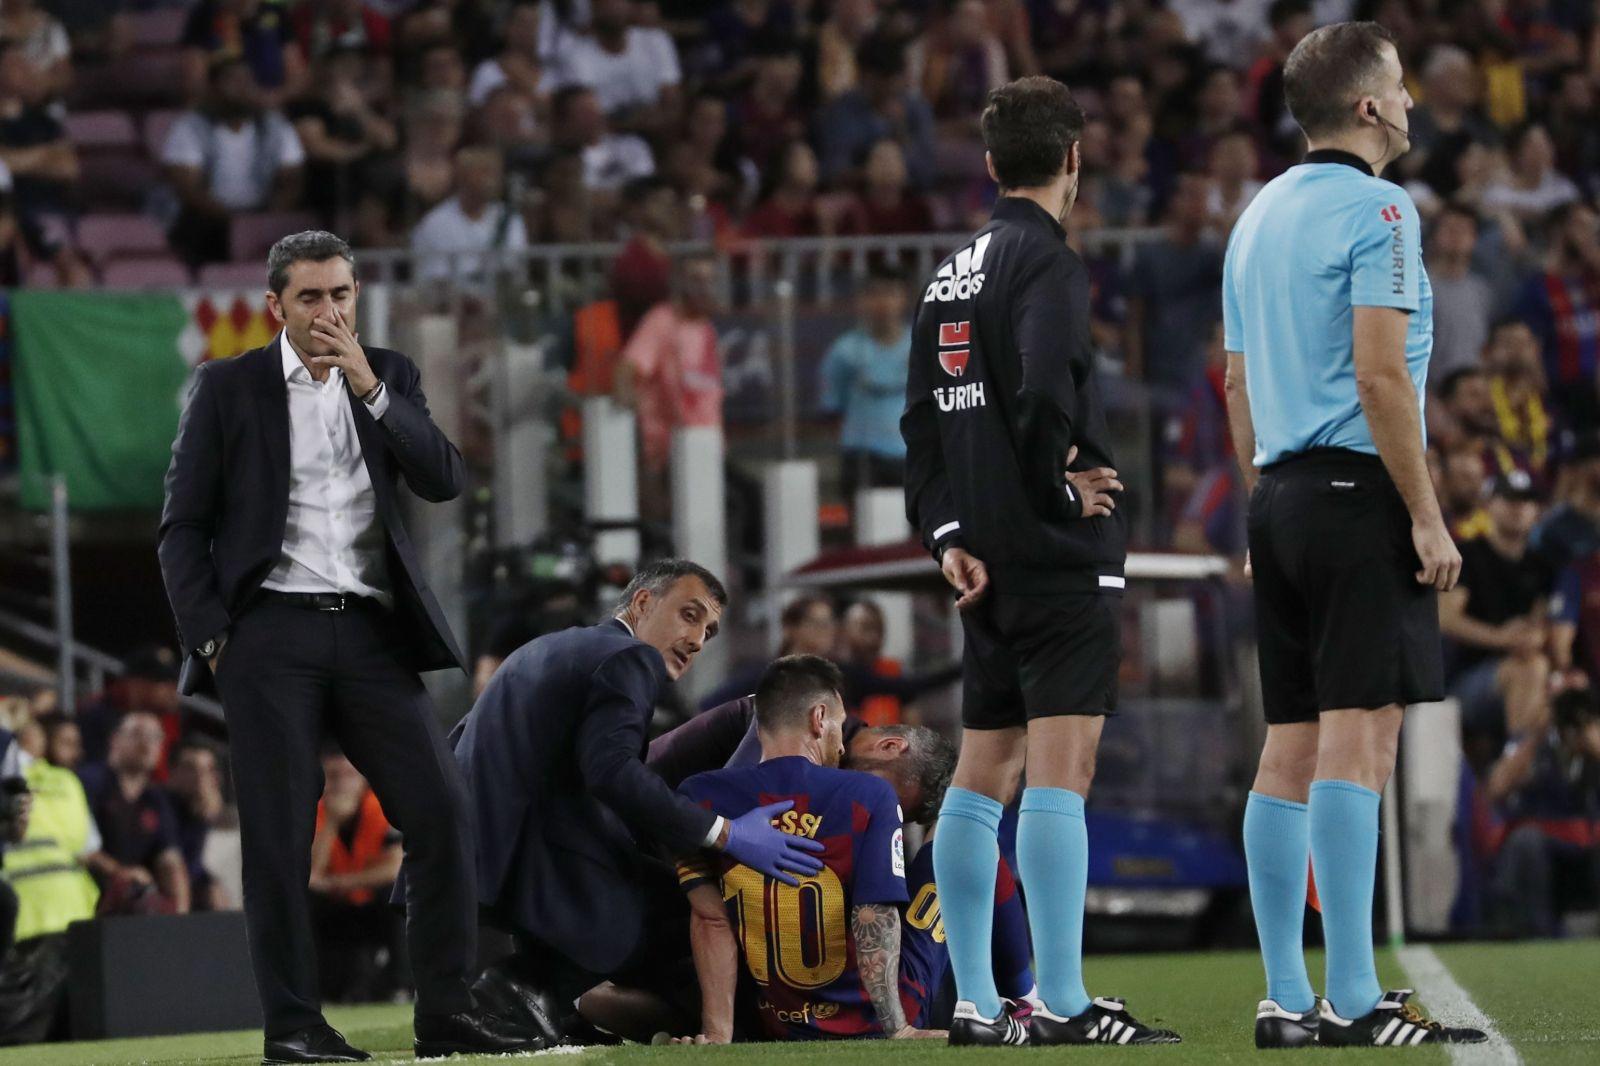 Messi sa nechce hovoriť o osobných úspechoch ako Ibrahimovič či Ronaldo. Viem, kto som a čo dokážem, povedal